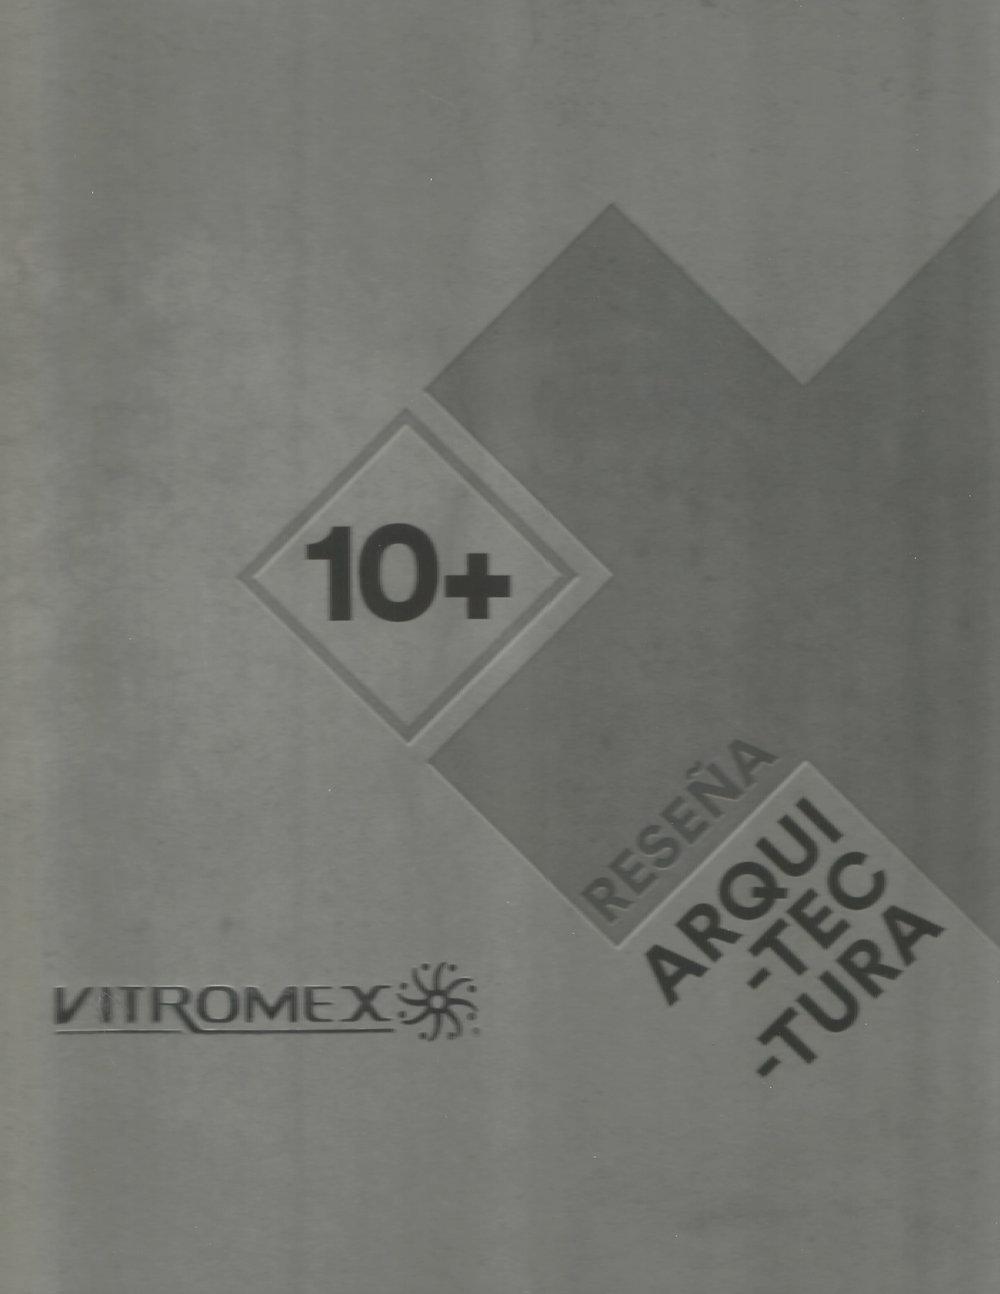 VITROMEX.jpg